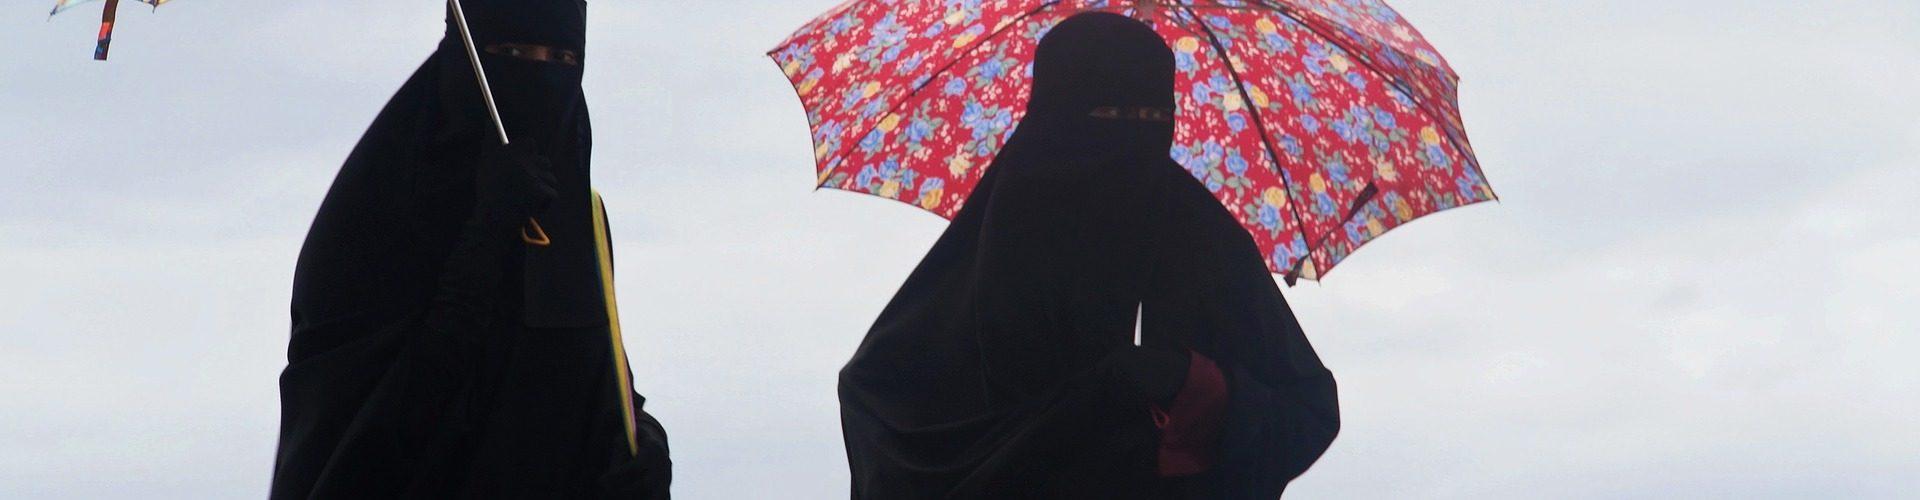 Burka på stranden.